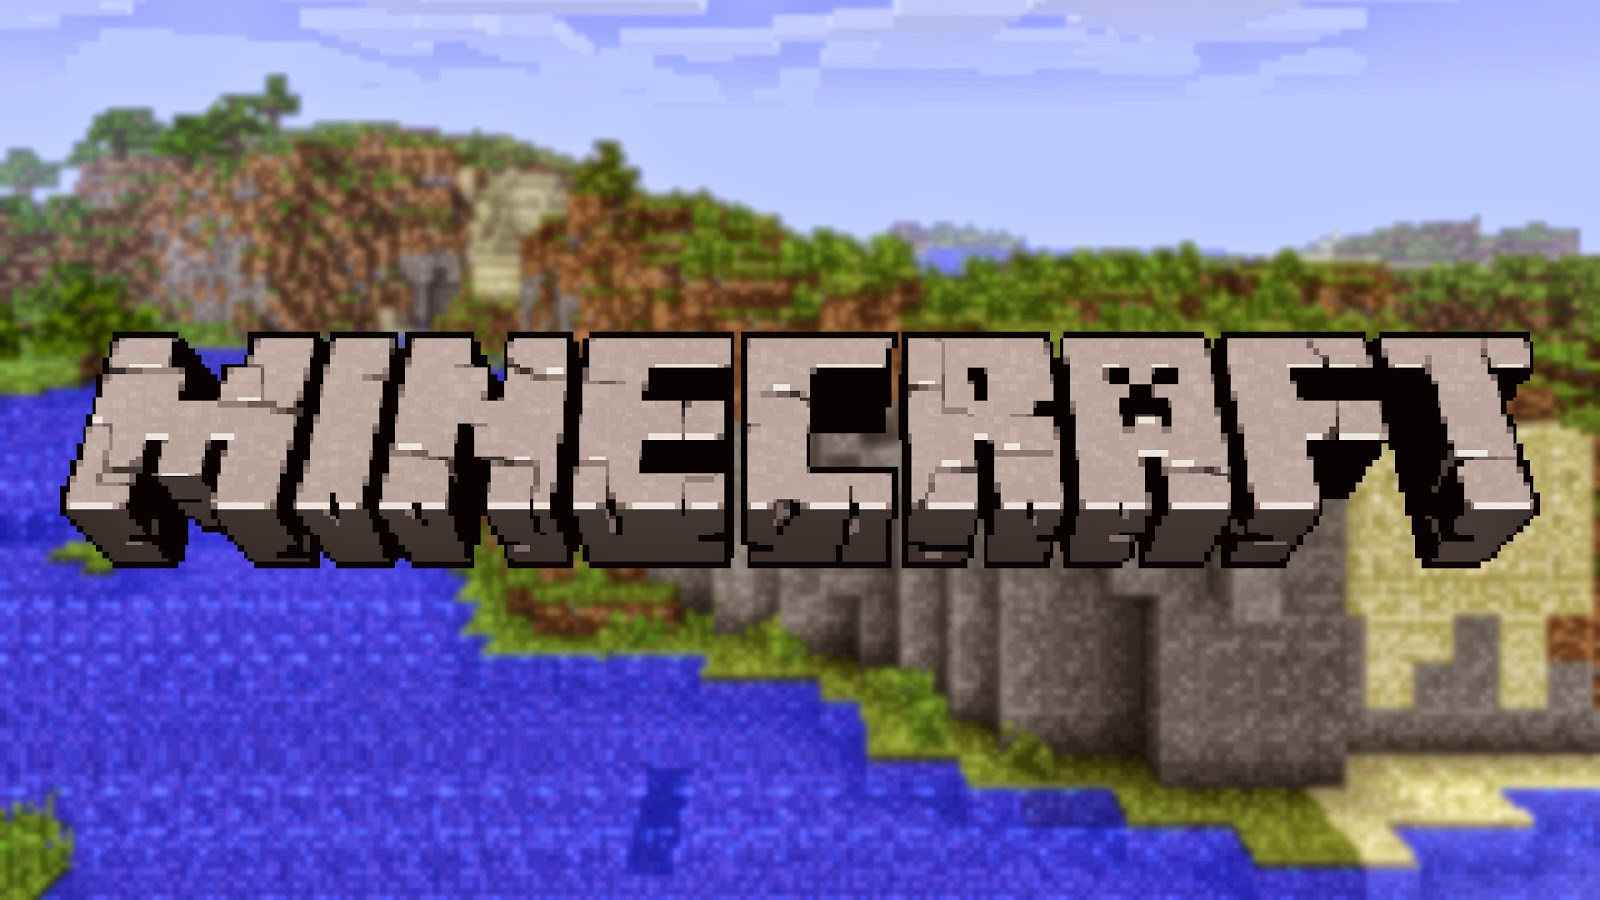 Minecraft Téléchargement gratuit - Comment ça marche